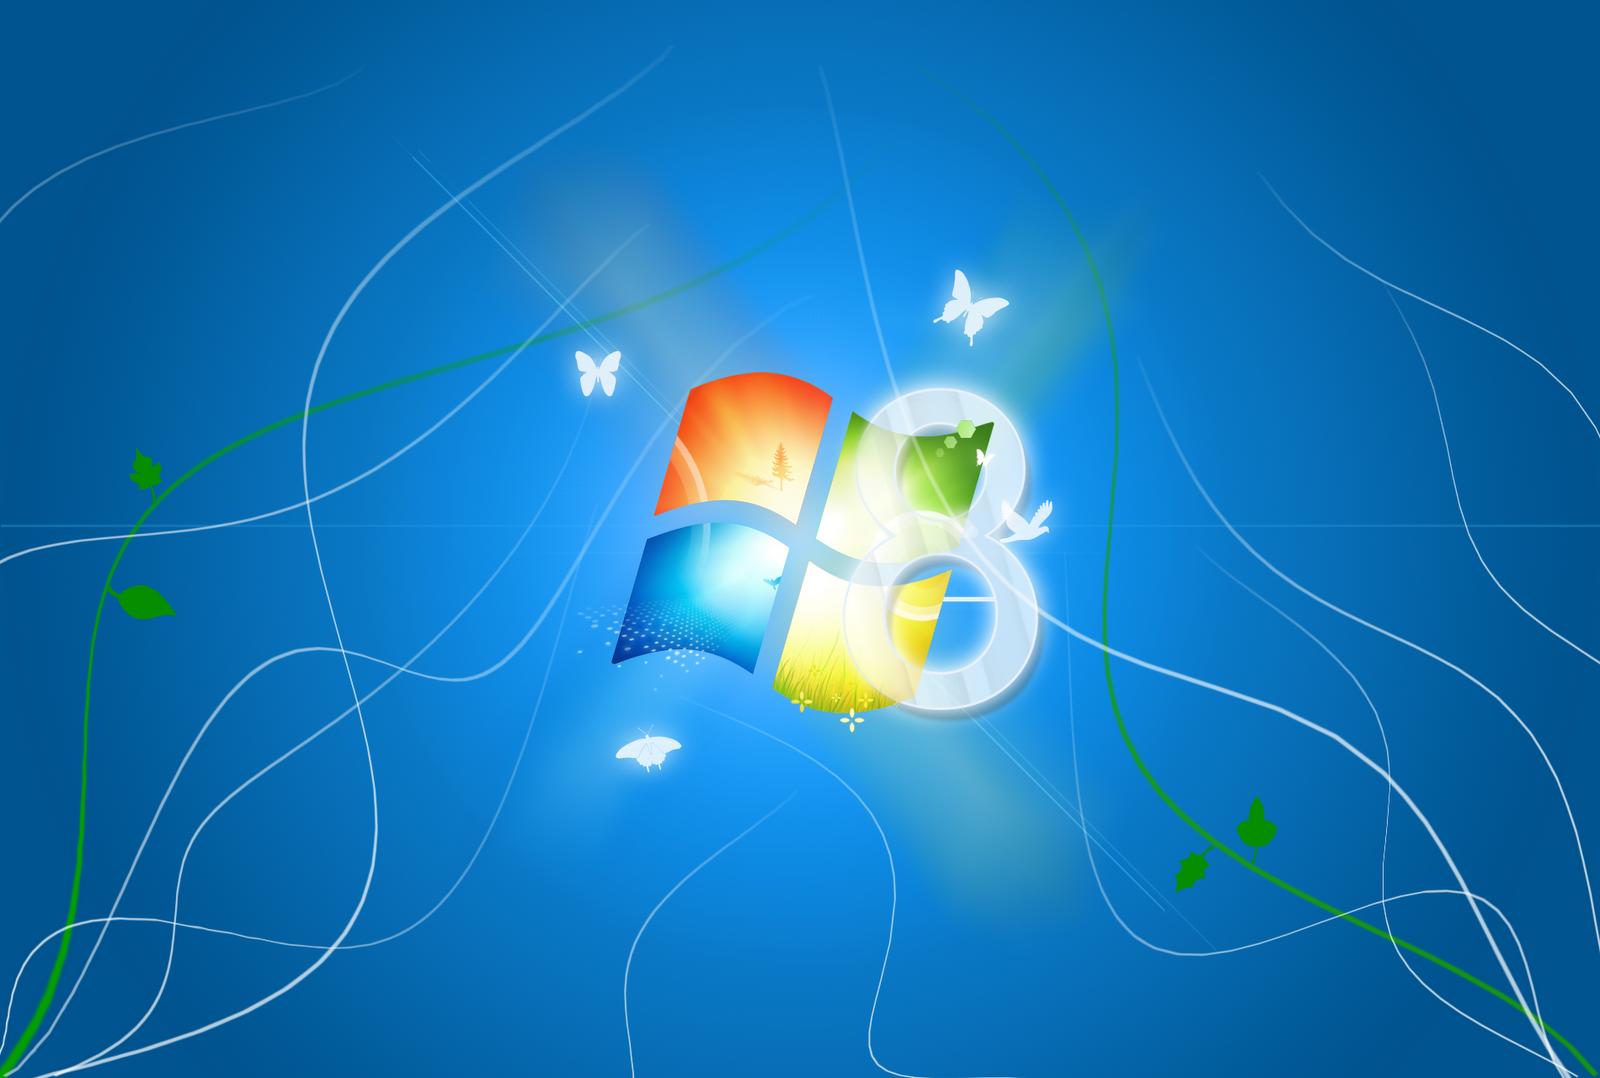 Best Windows 8 Desktop Wallpaper Wallpapers Pictures Lovers 1600x1078